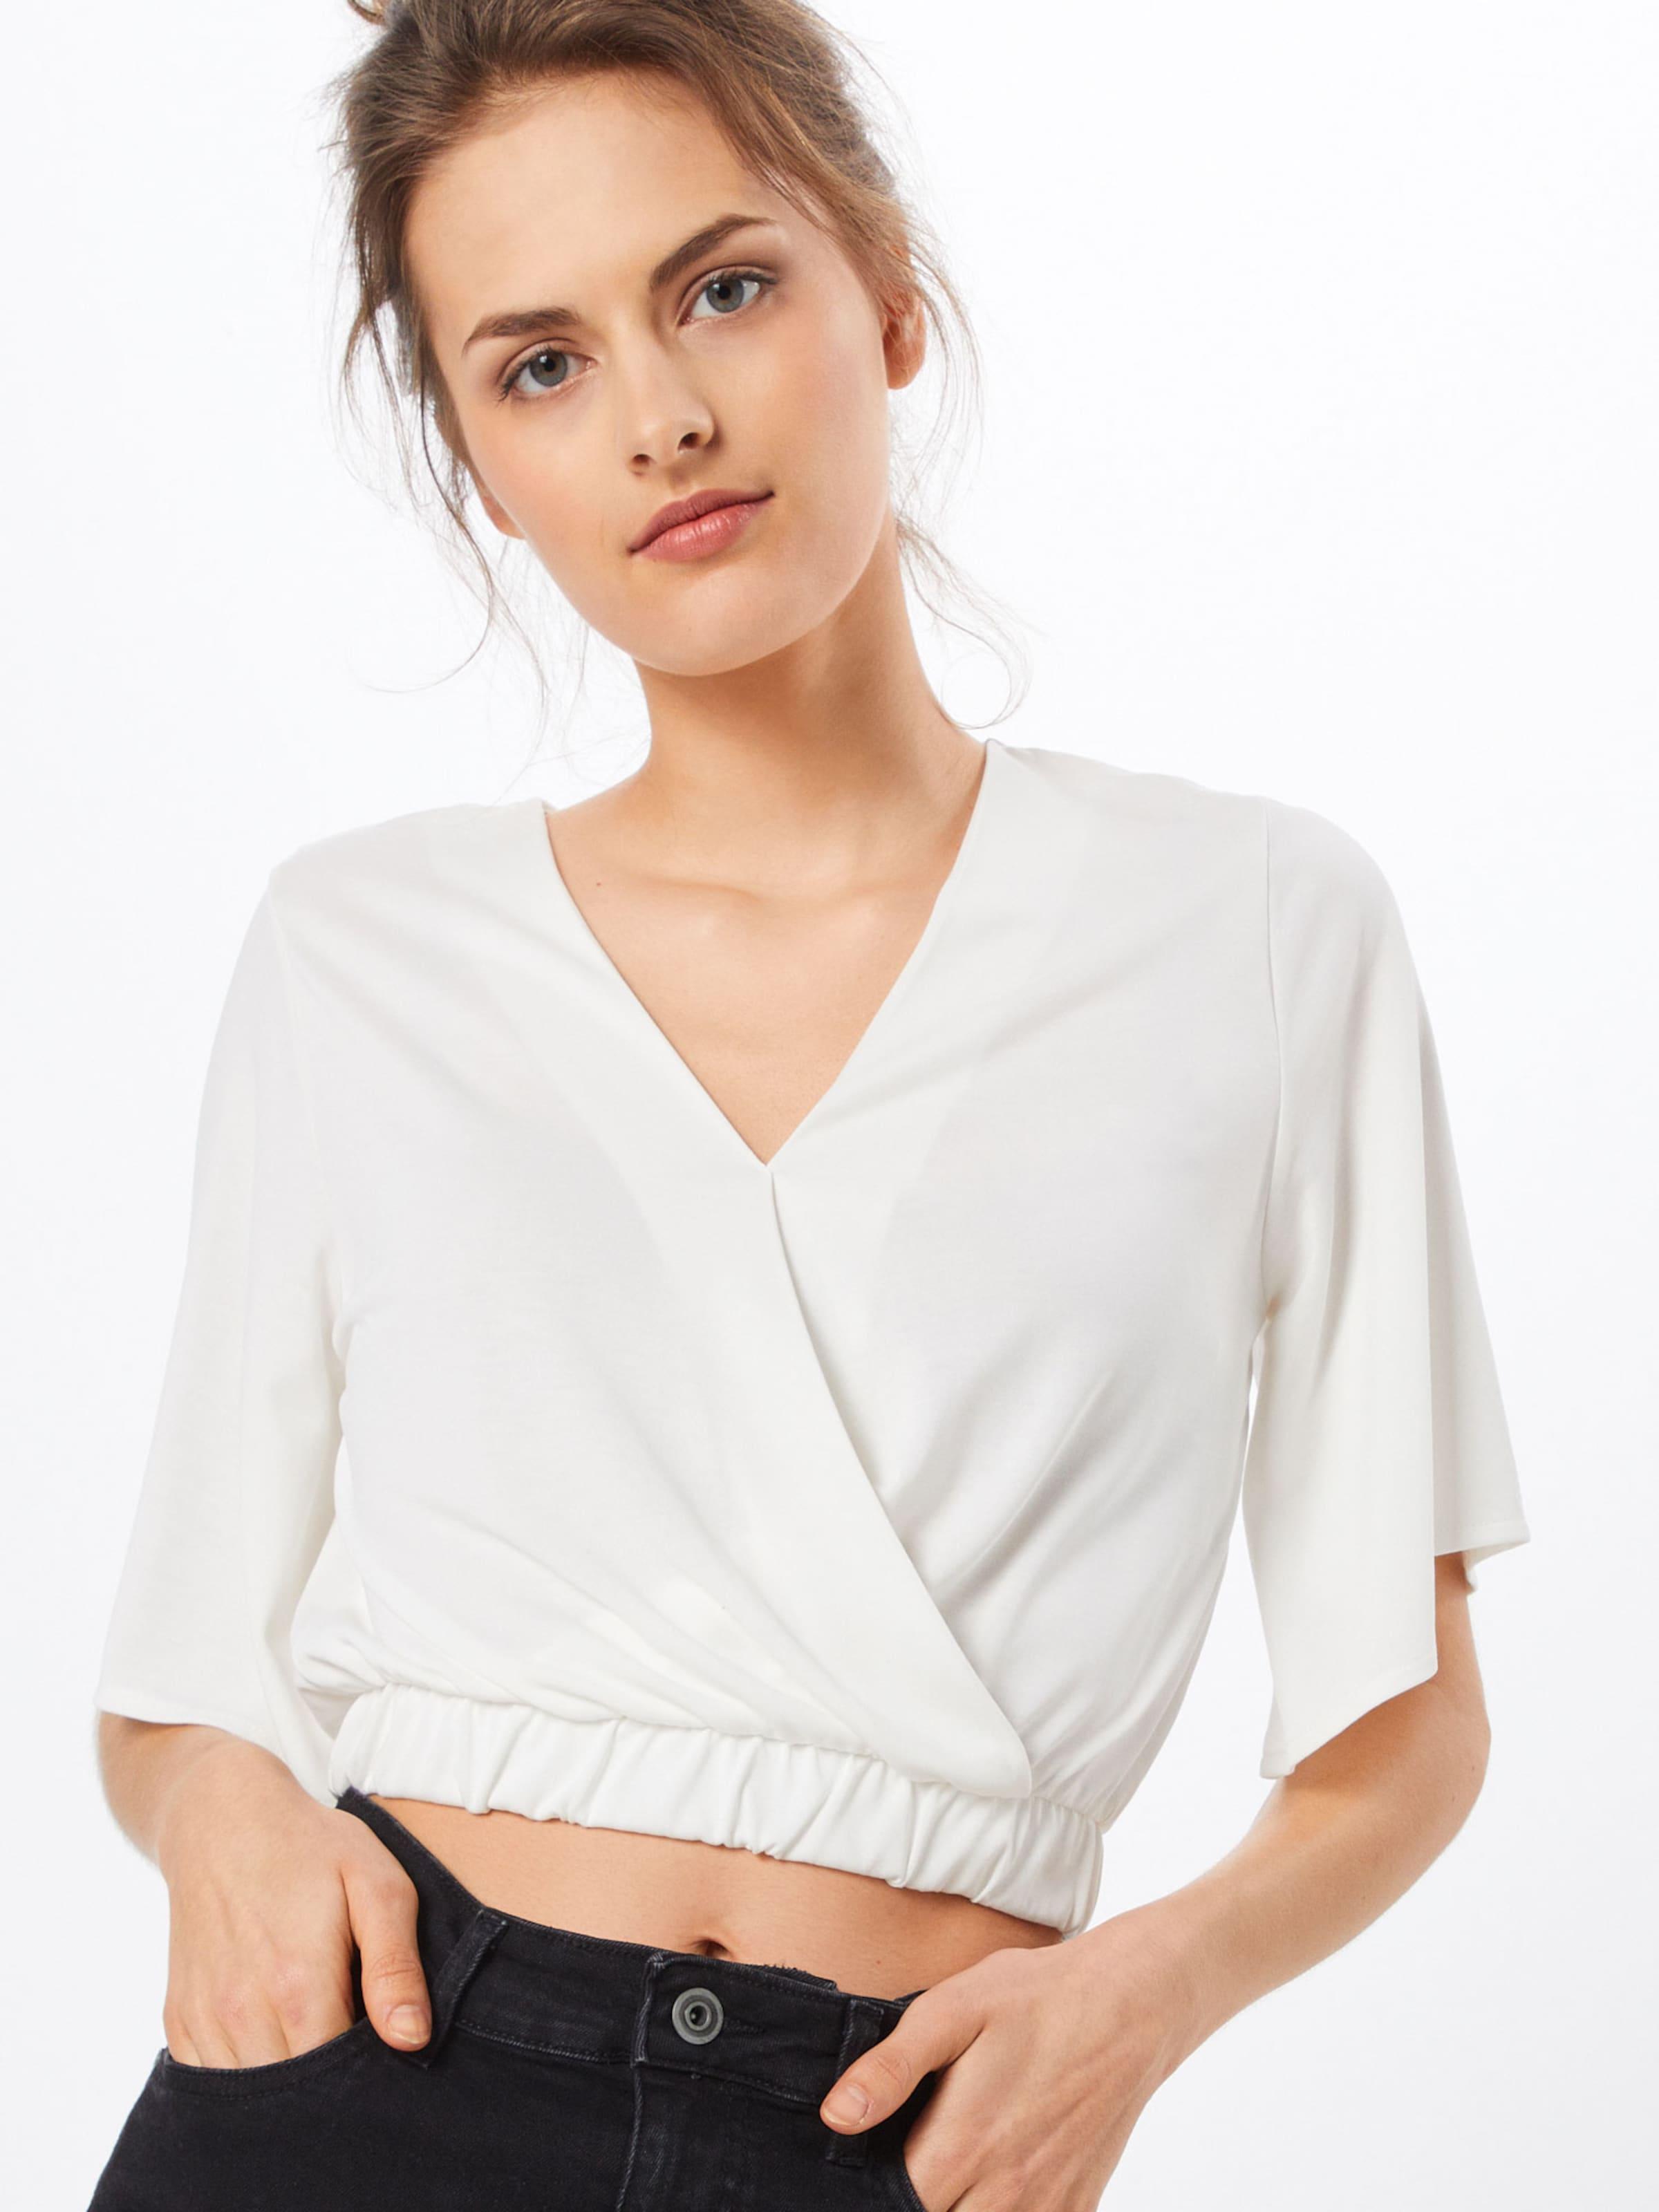 shirt 'tyllia' May Blanc En Noisy T XPiZuwOkTl